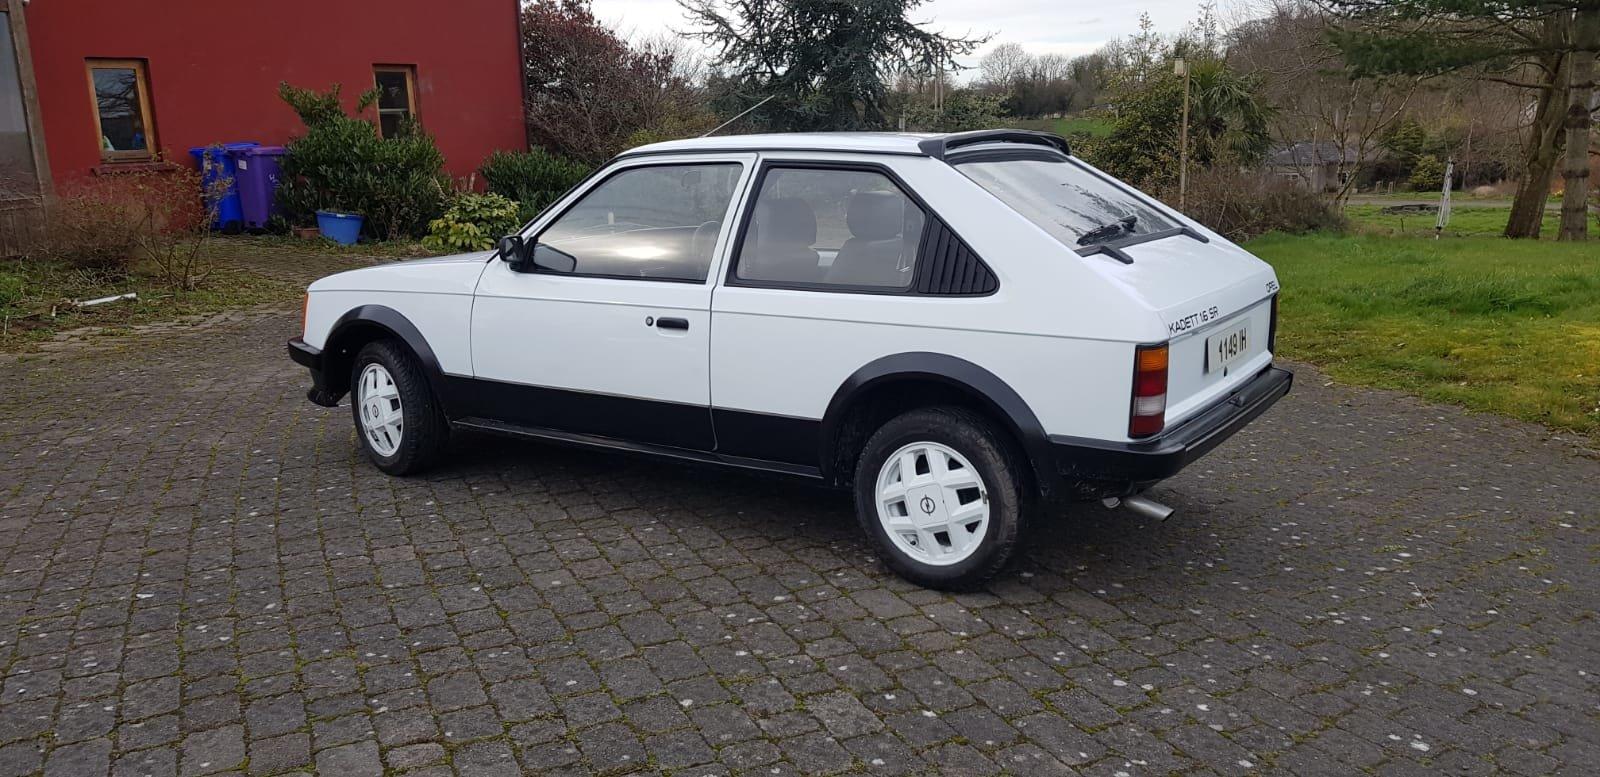 1982 Opel Kadett 1.6SR (Rare 2 door model) For Sale (picture 2 of 6)